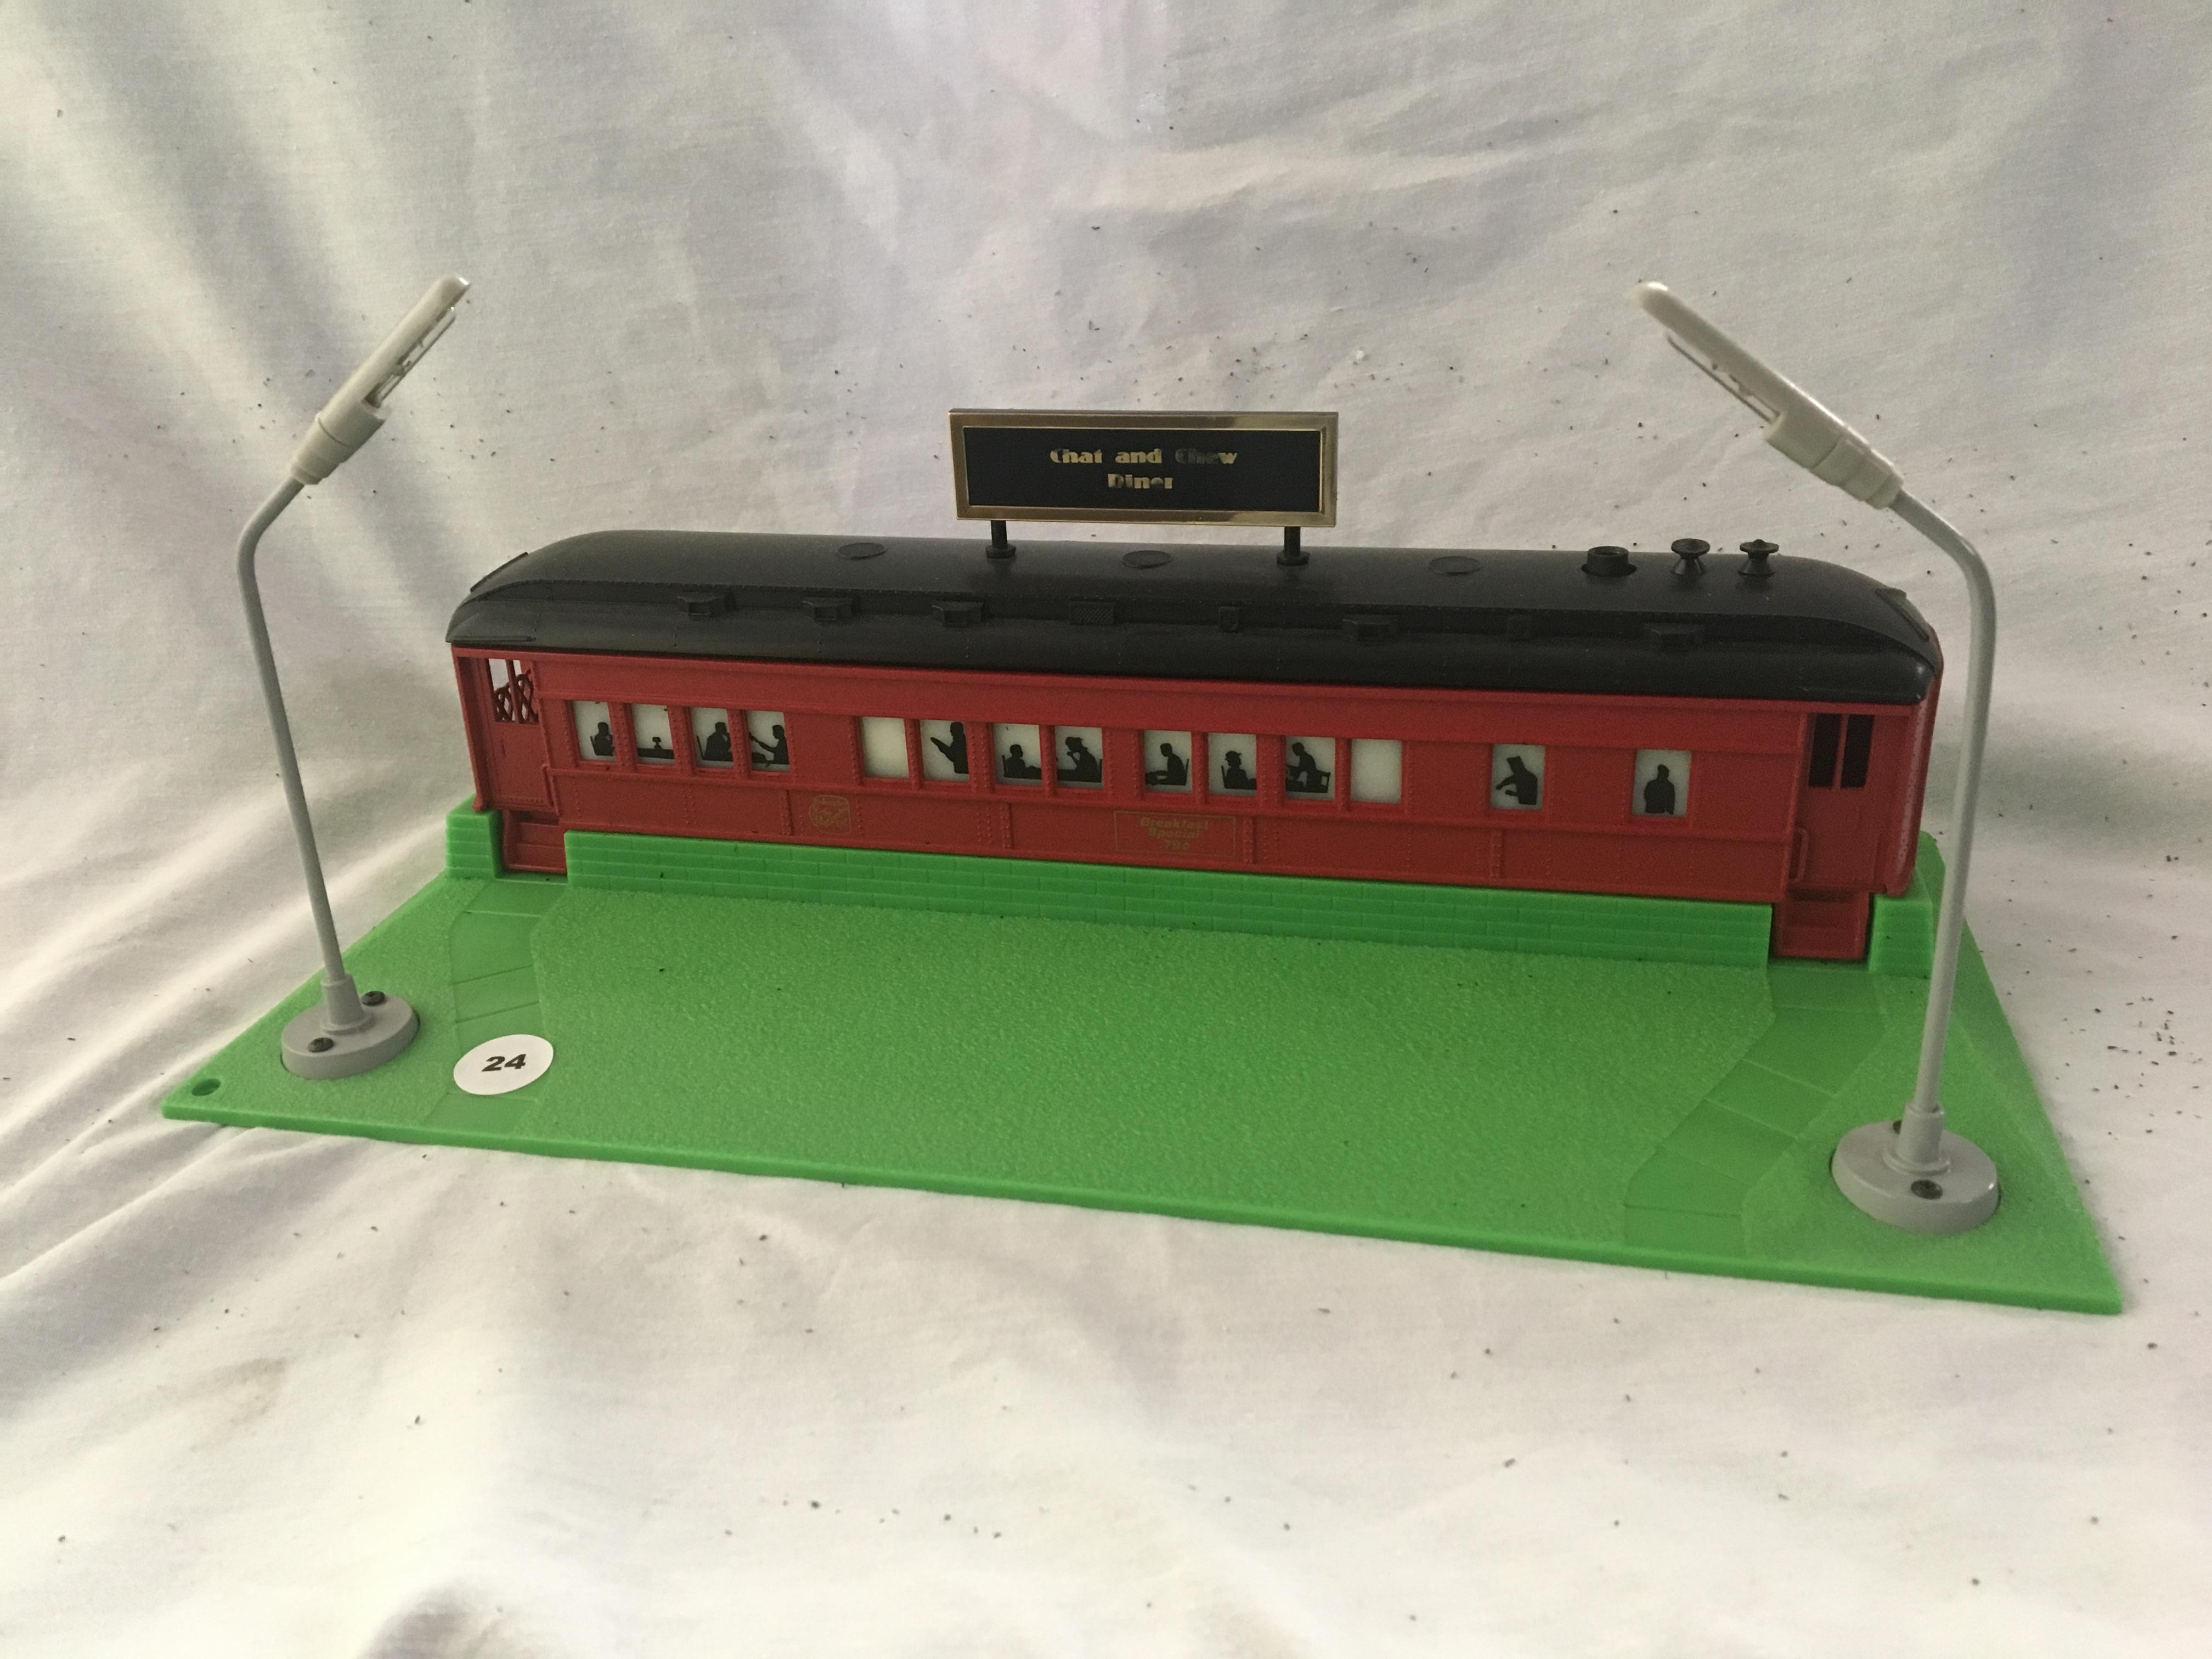 Lot 24 - Lionel Diner Car (Illuminated, Plastic)